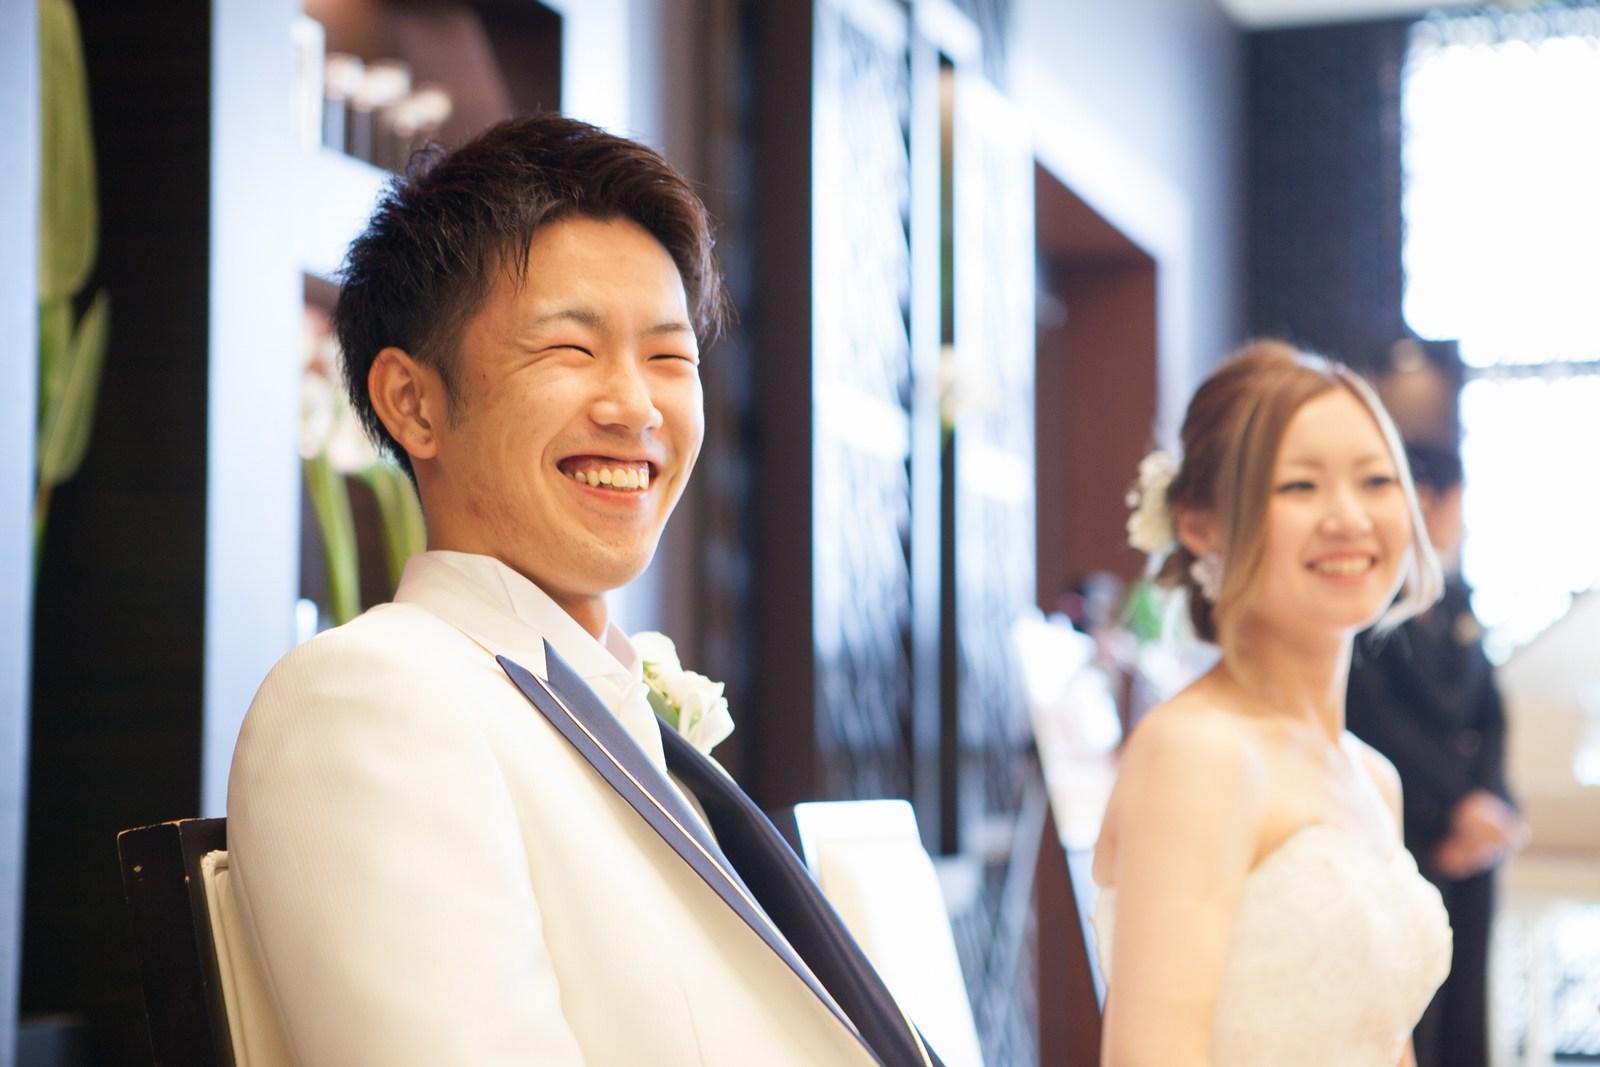 徳島市の結婚式場ブランアンジュでメインテーブルでの新郎新婦様の素敵な笑顔